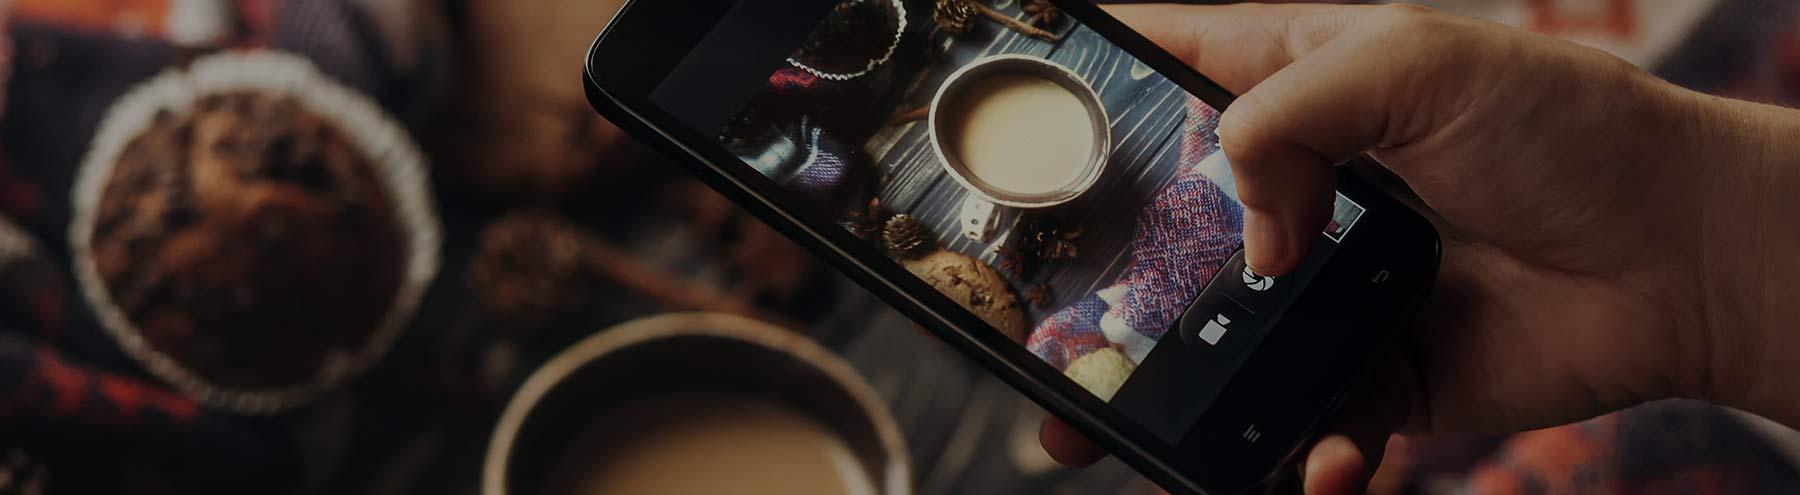 איך מספרים סיפור של עסק בתמונות?